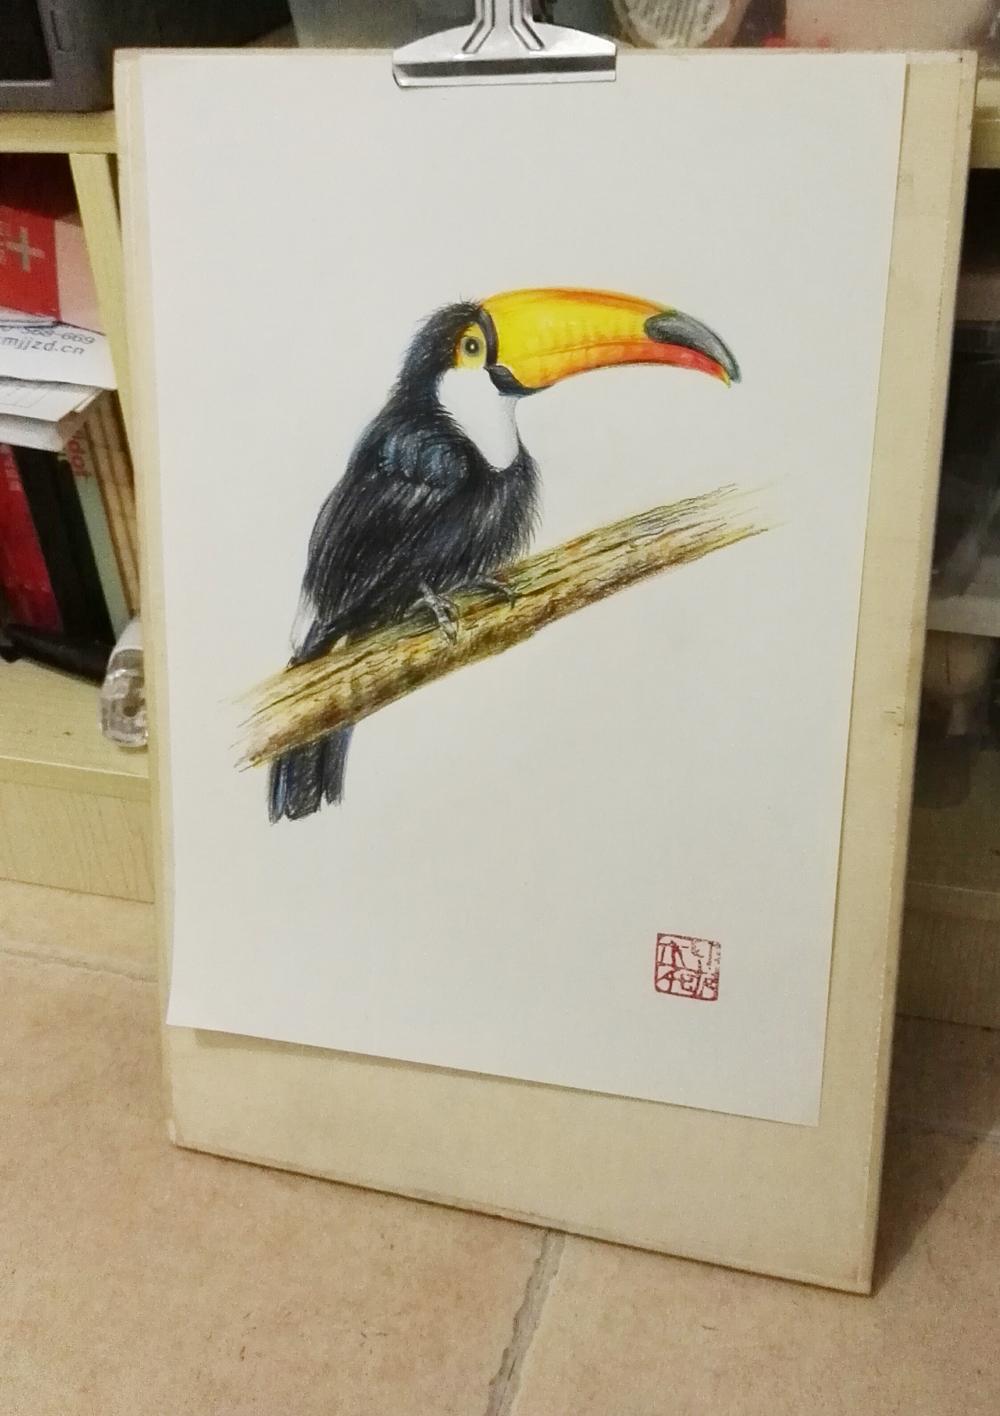 大嘴鸟2花鸟彩铅手绘实木画框家居装饰画